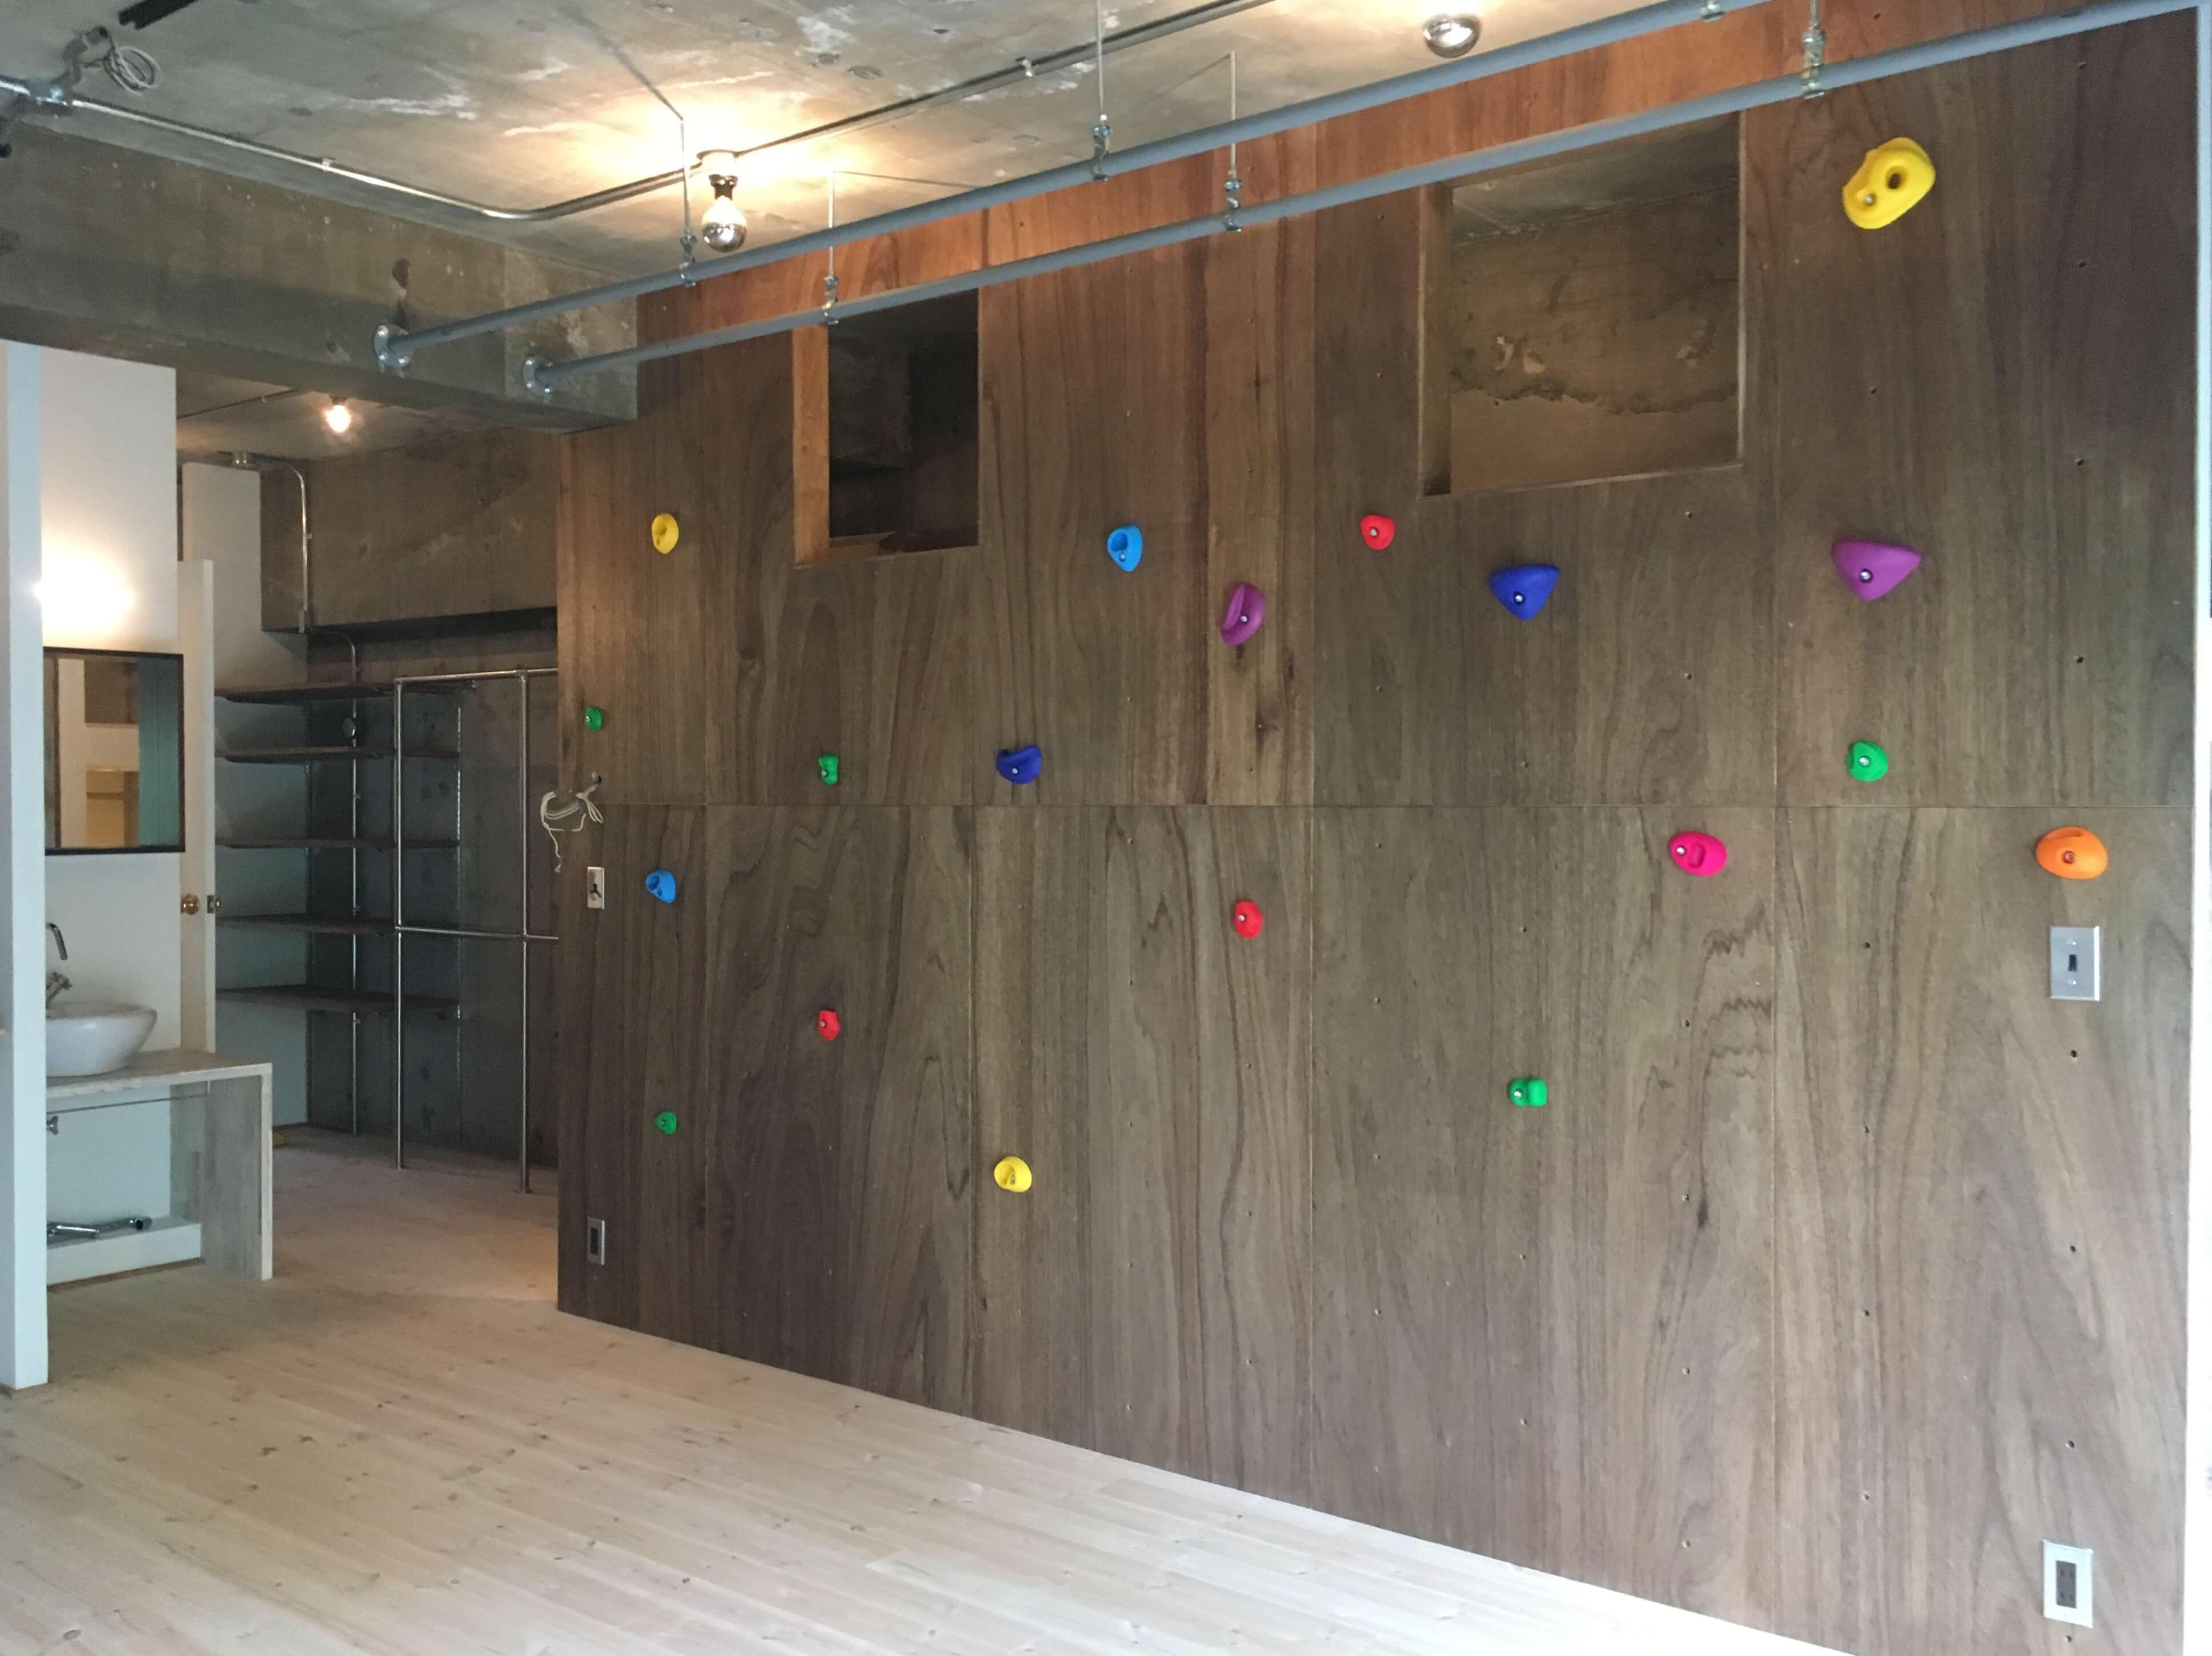 東京都木場にあるボルダリングができるリノベーション事例